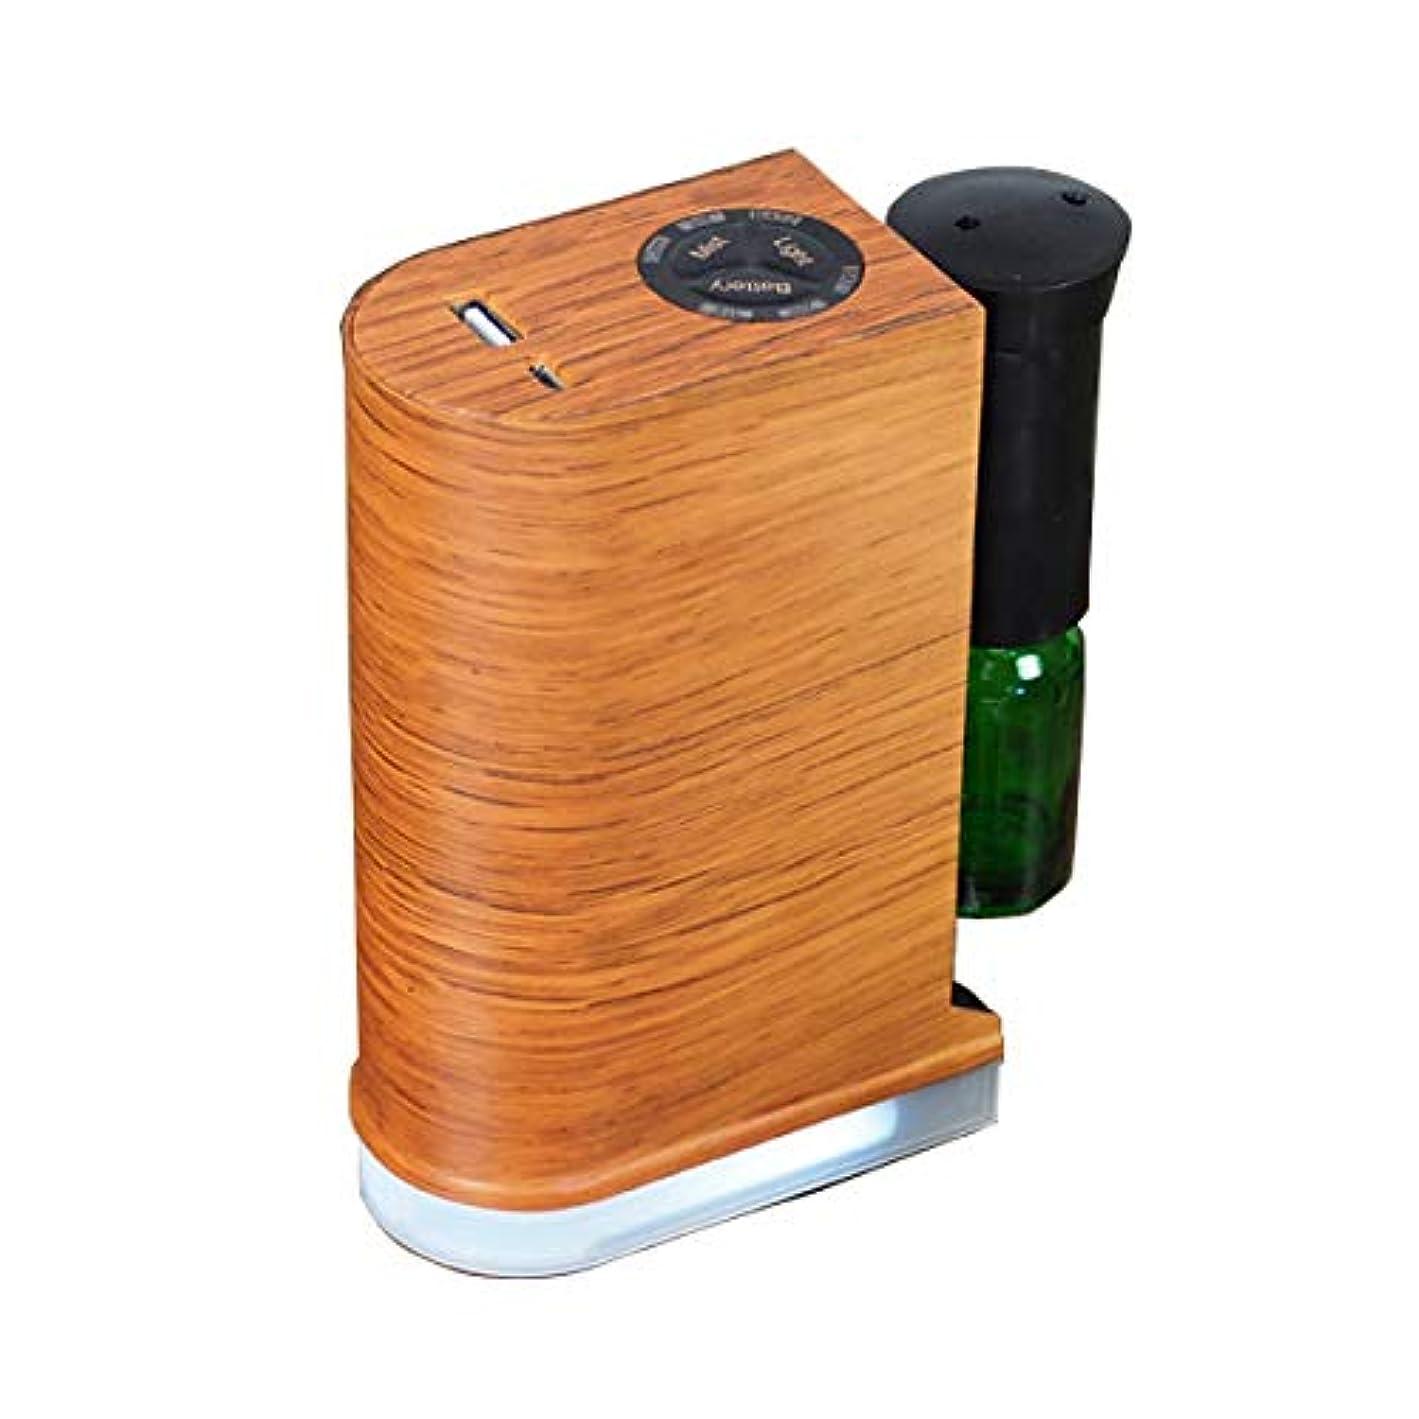 円形高齢者恐れアロマデュフューザー 水を使わない ネブライザー式アロマディフューザー LED搭載 アロマオイル 精油 アロマ芳香 (ブラウン)